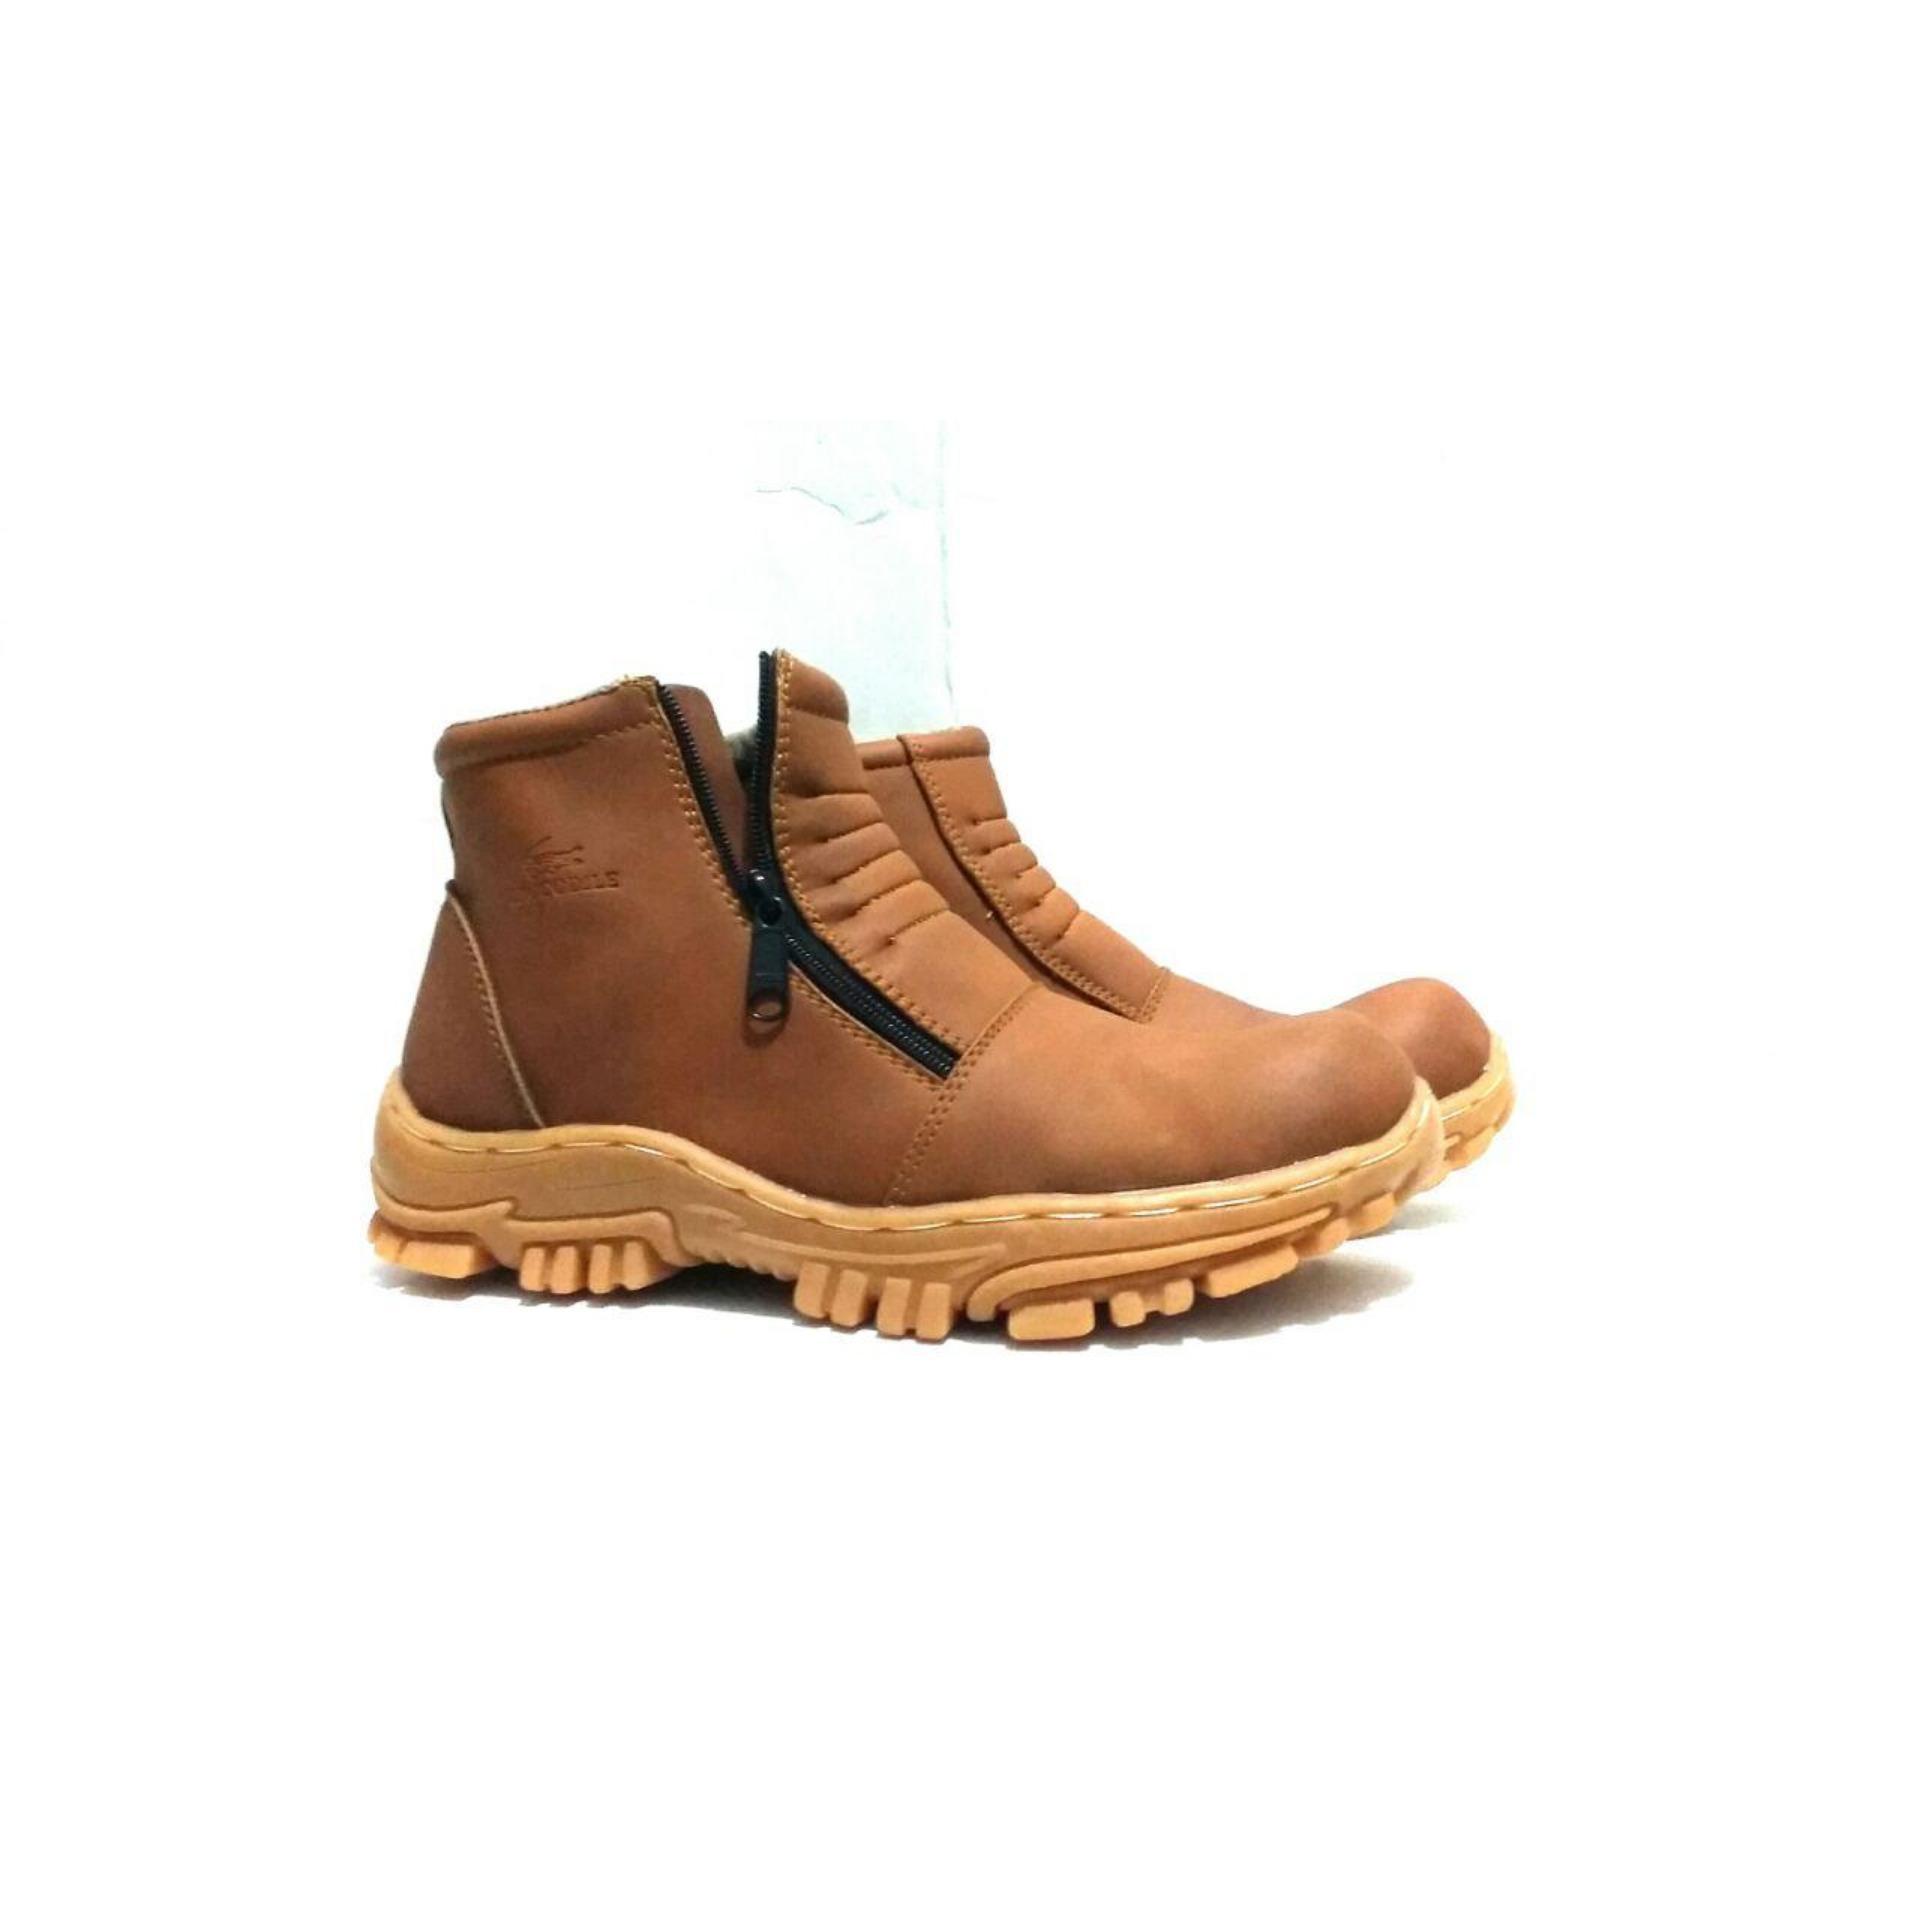 sepatu boots crocodile safety proyek lapangan hiking touring tracking kerja proyek formal